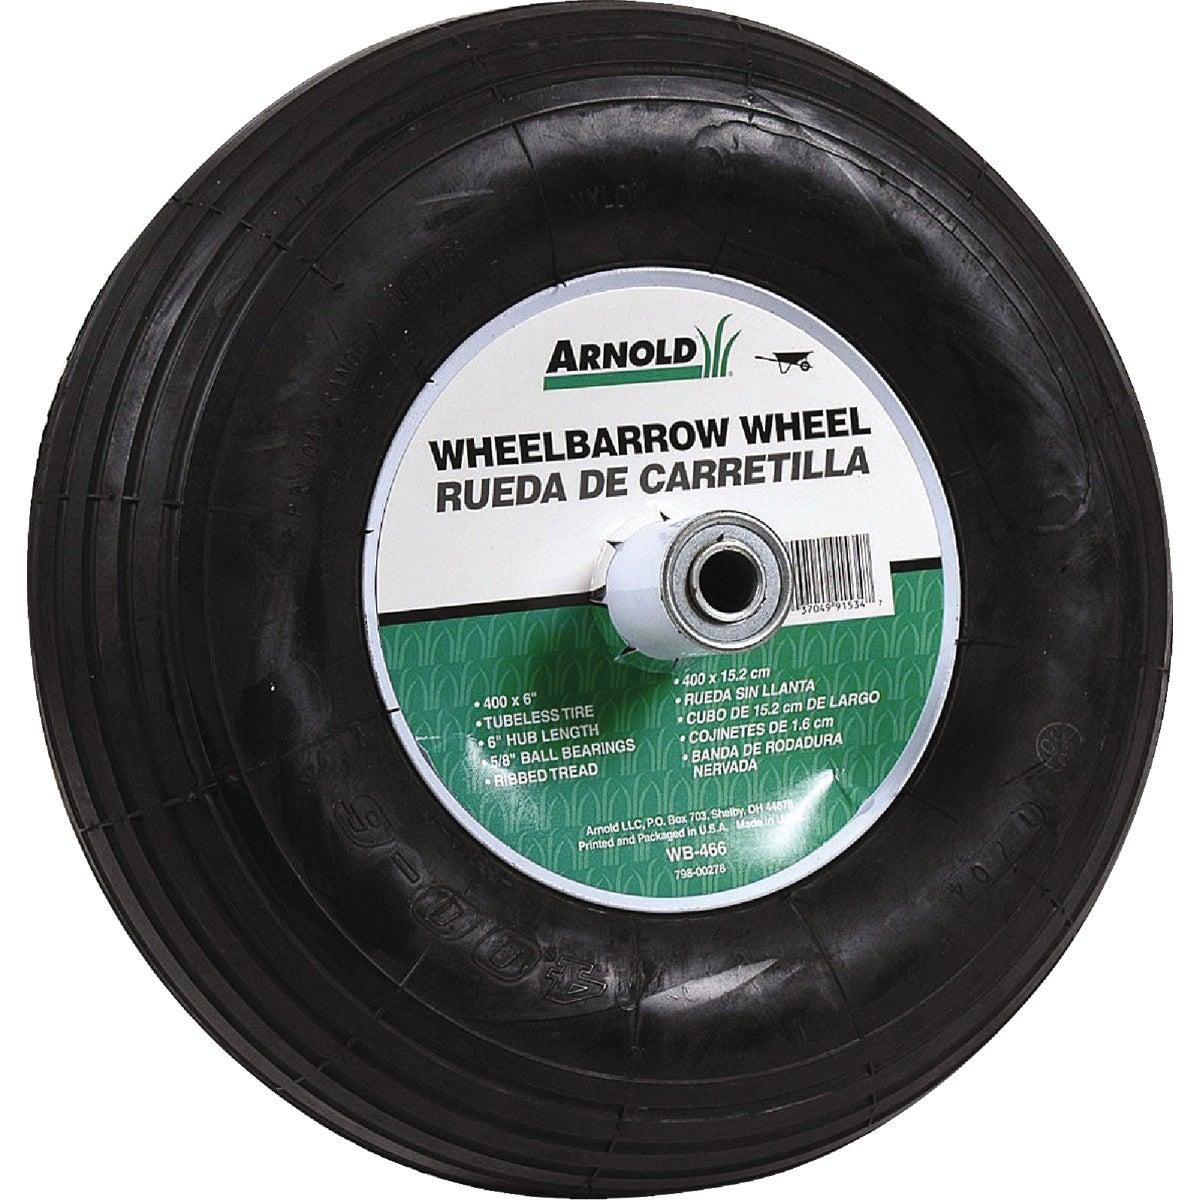 Arnold Corp. 4.00X6 WHEELBARROW WHEEL WB-466